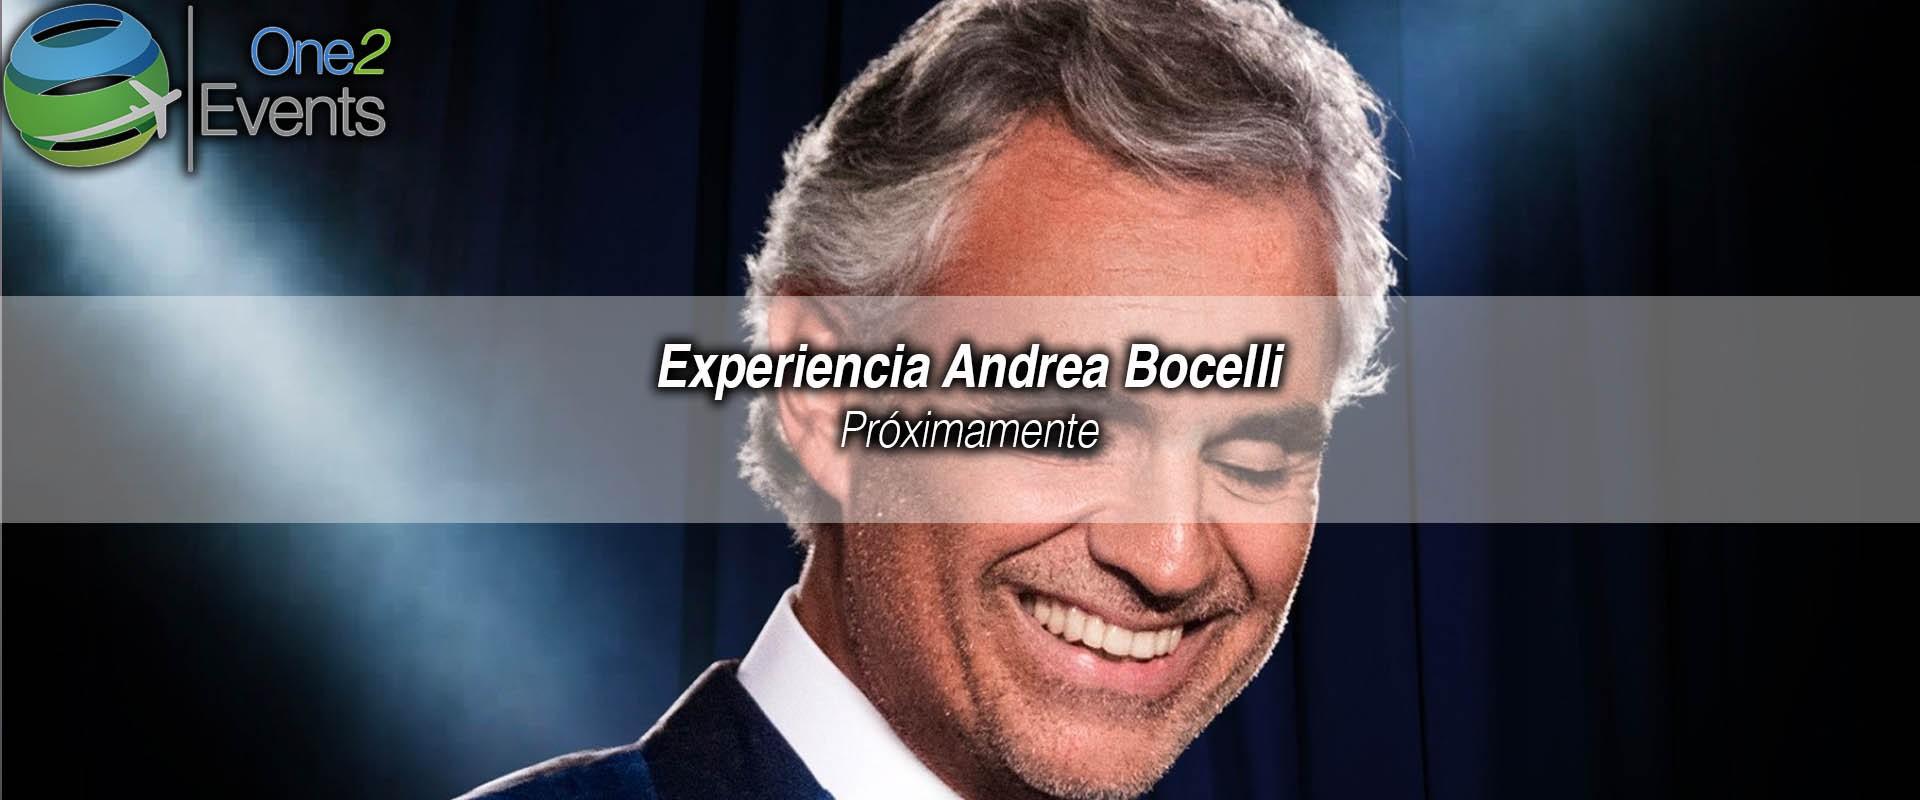 Concierto Andrea Bocelli en American Airlines, Dallas